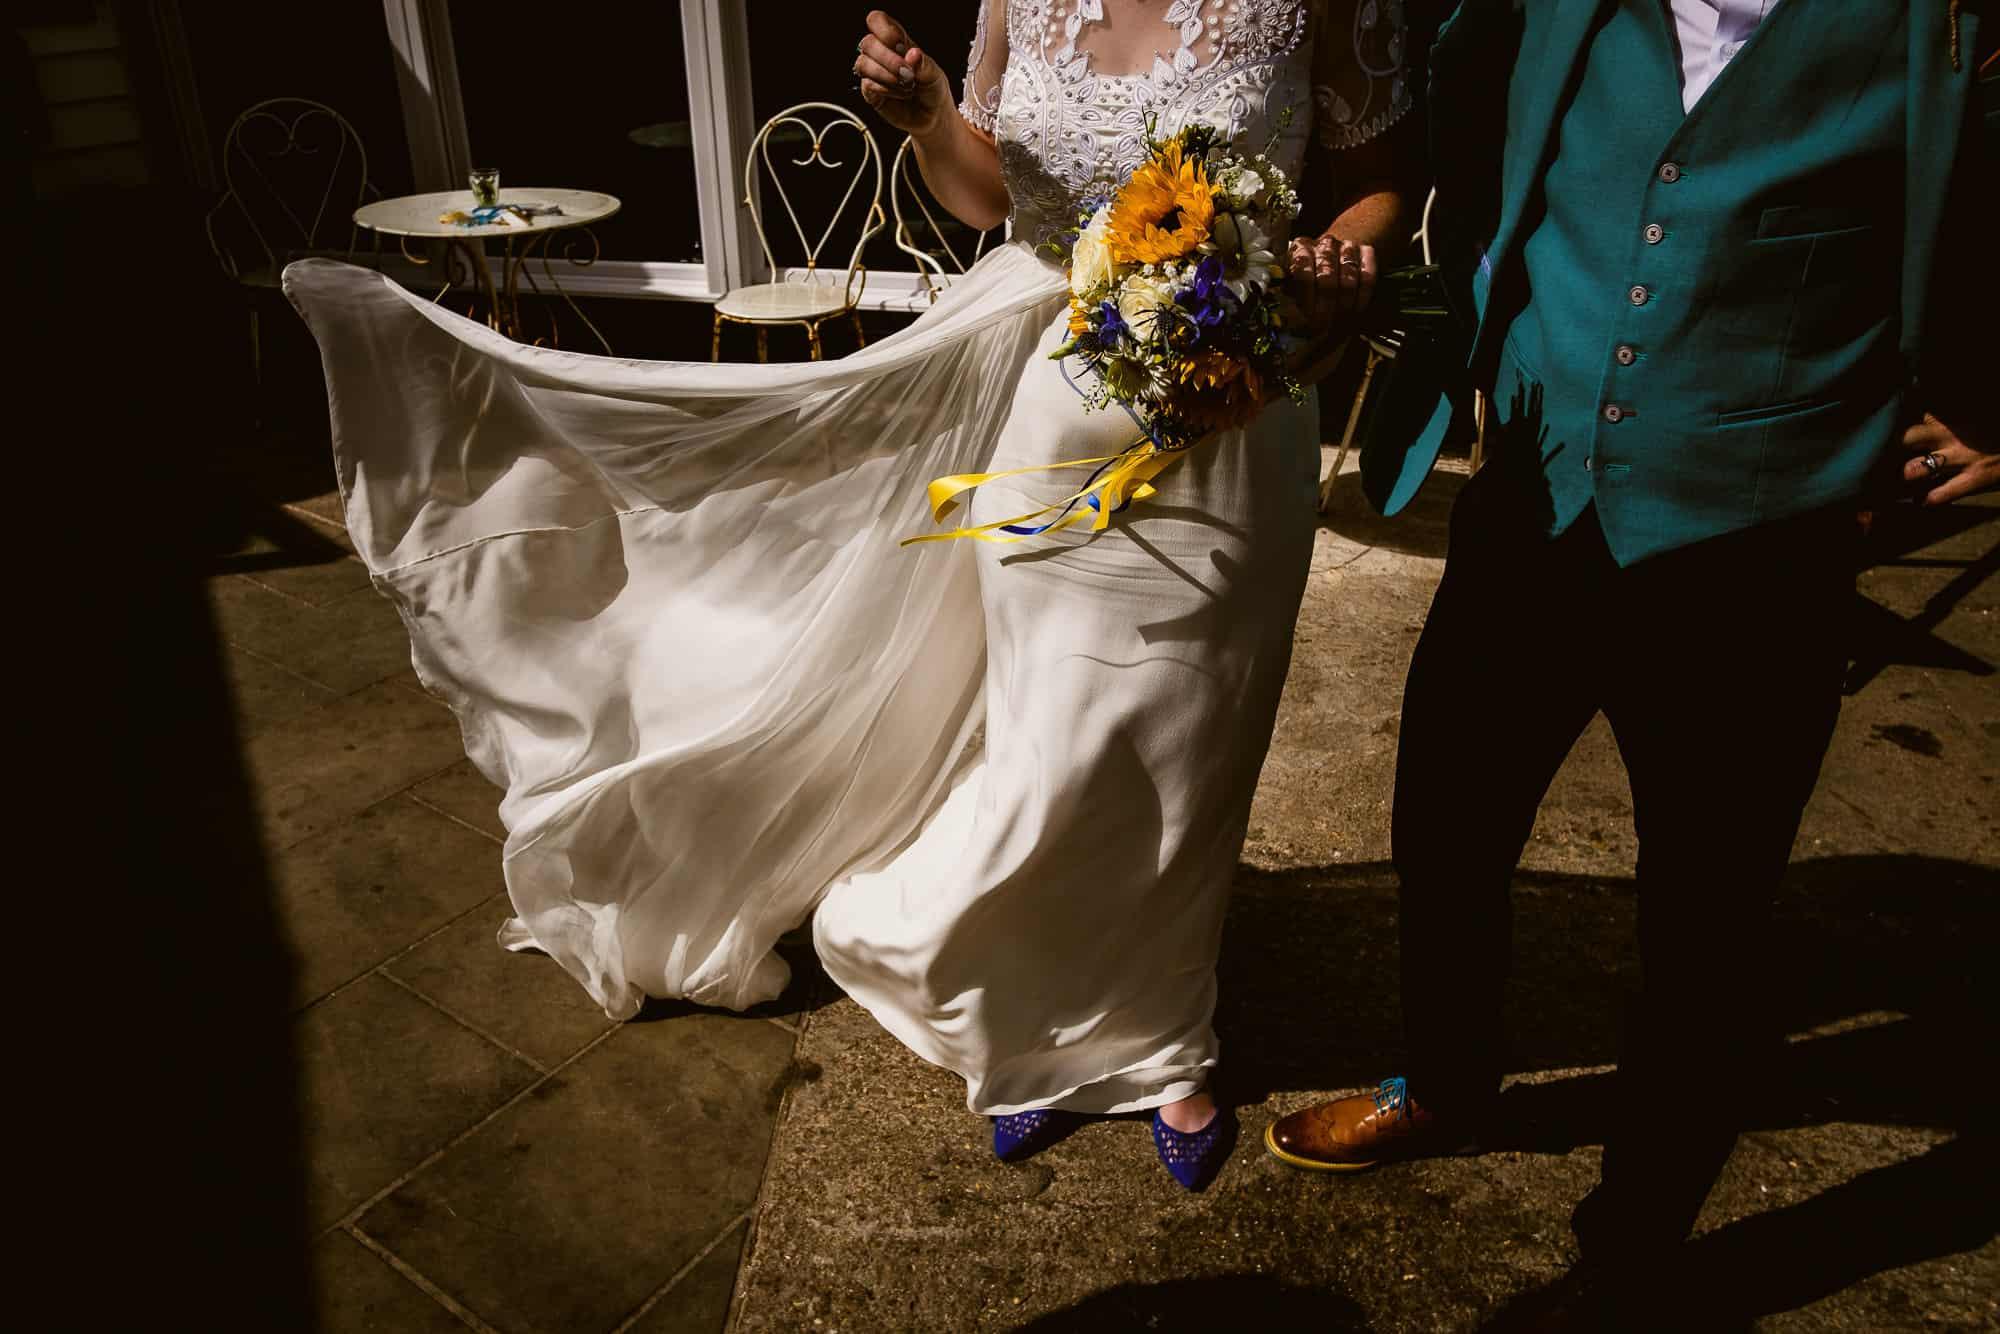 east-quay-wedding-photography-matt-tyler-0051